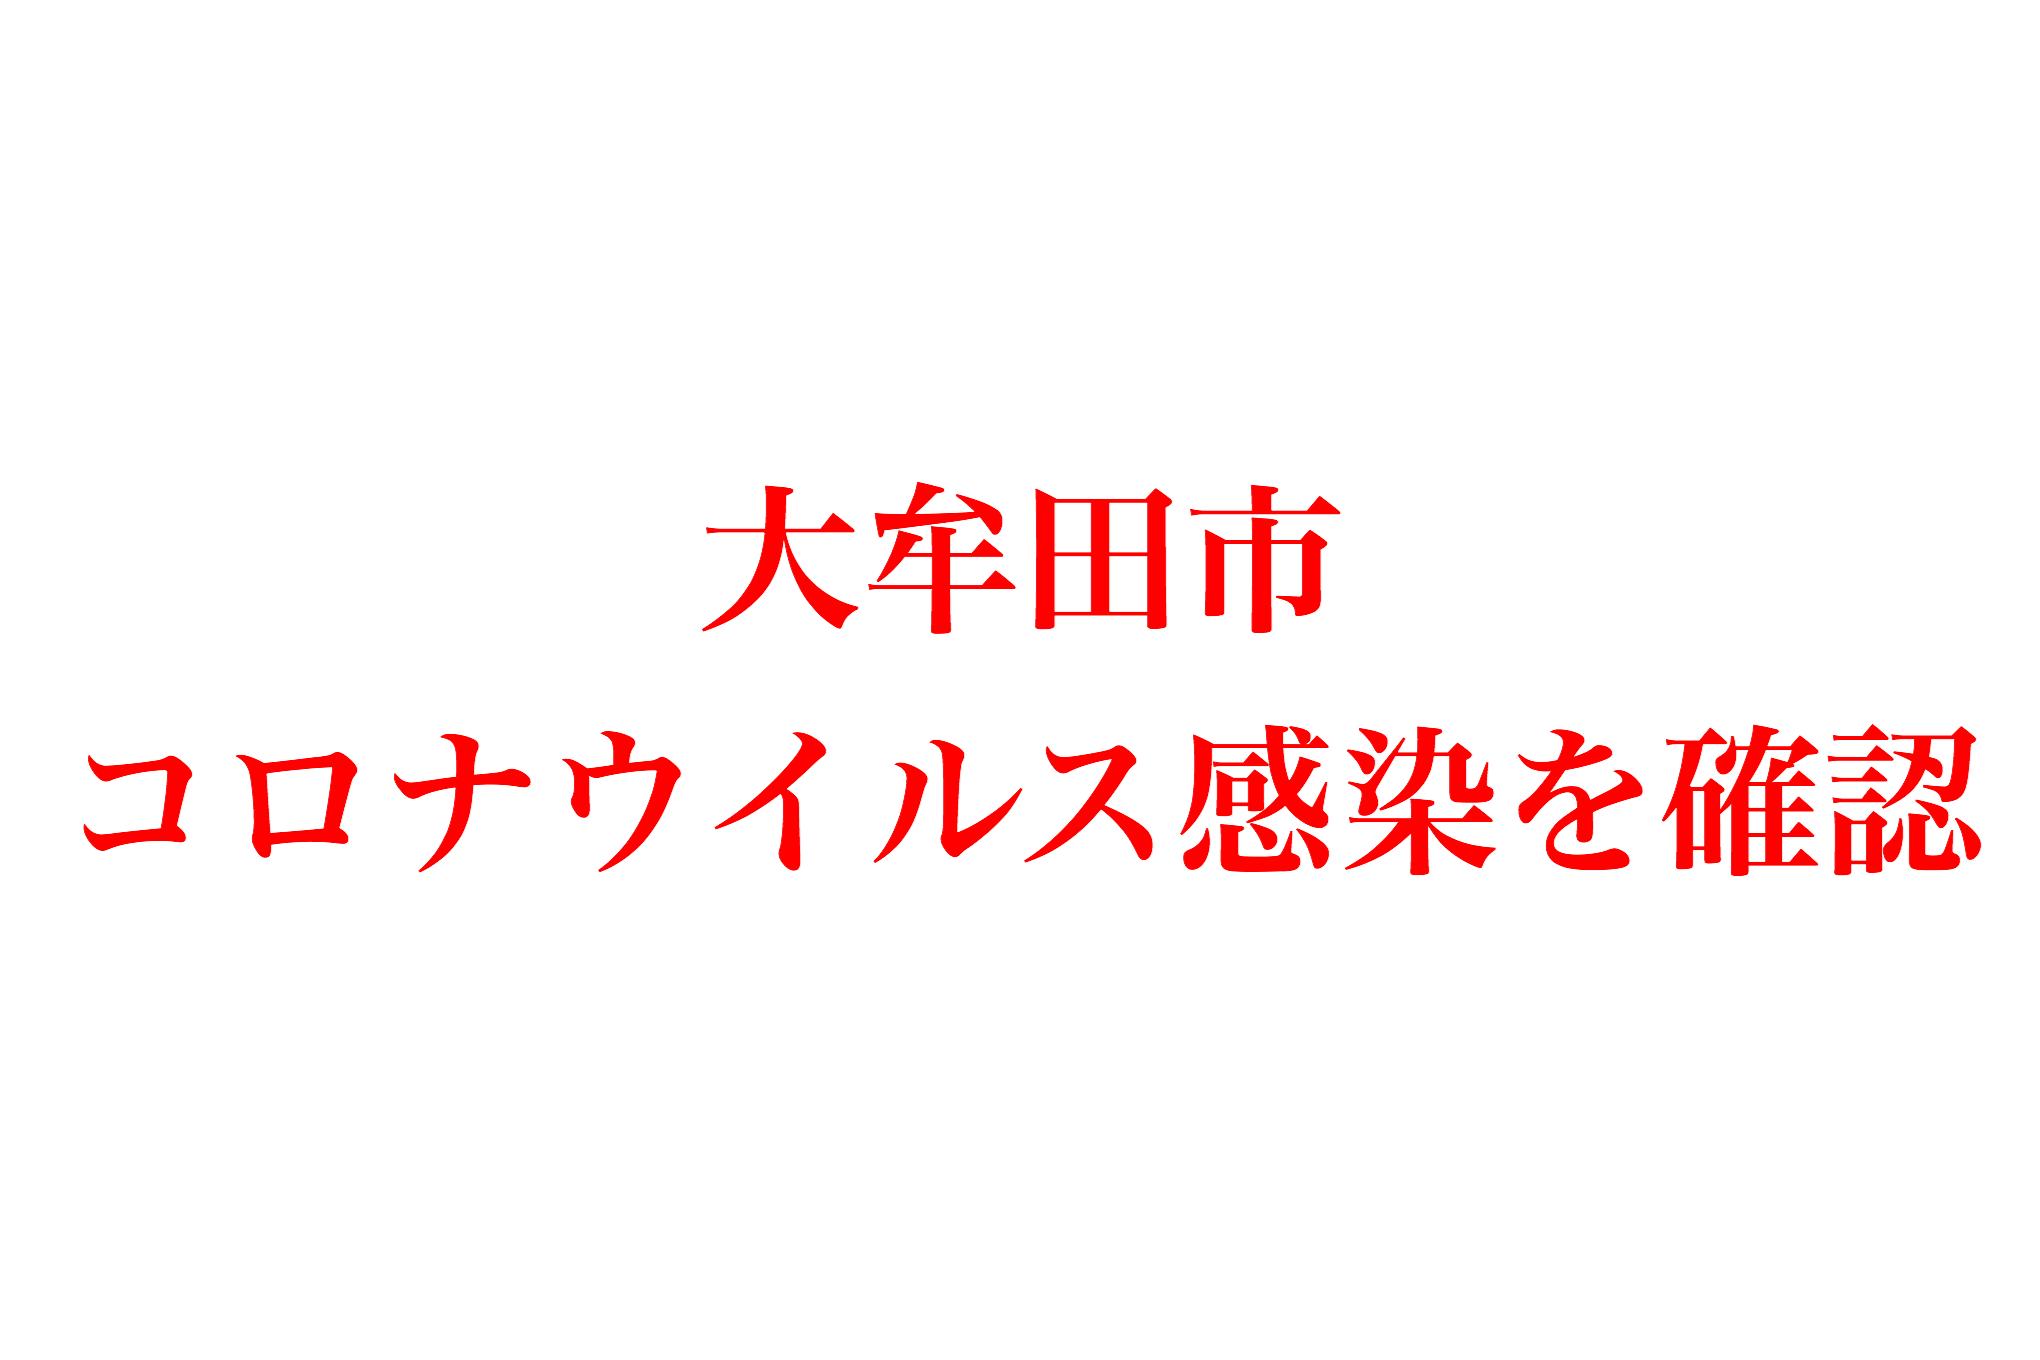 大牟田 コロナ 発生